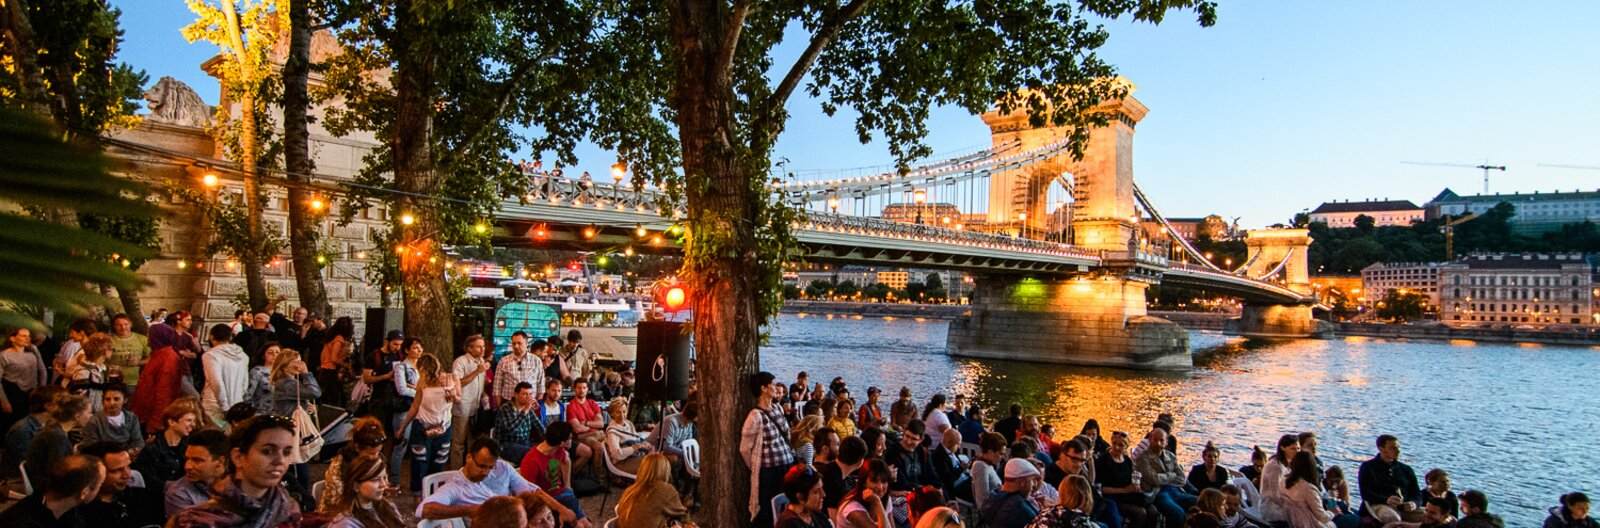 5 szabadtéri szórakozóhely a nyári estékre Budapesten